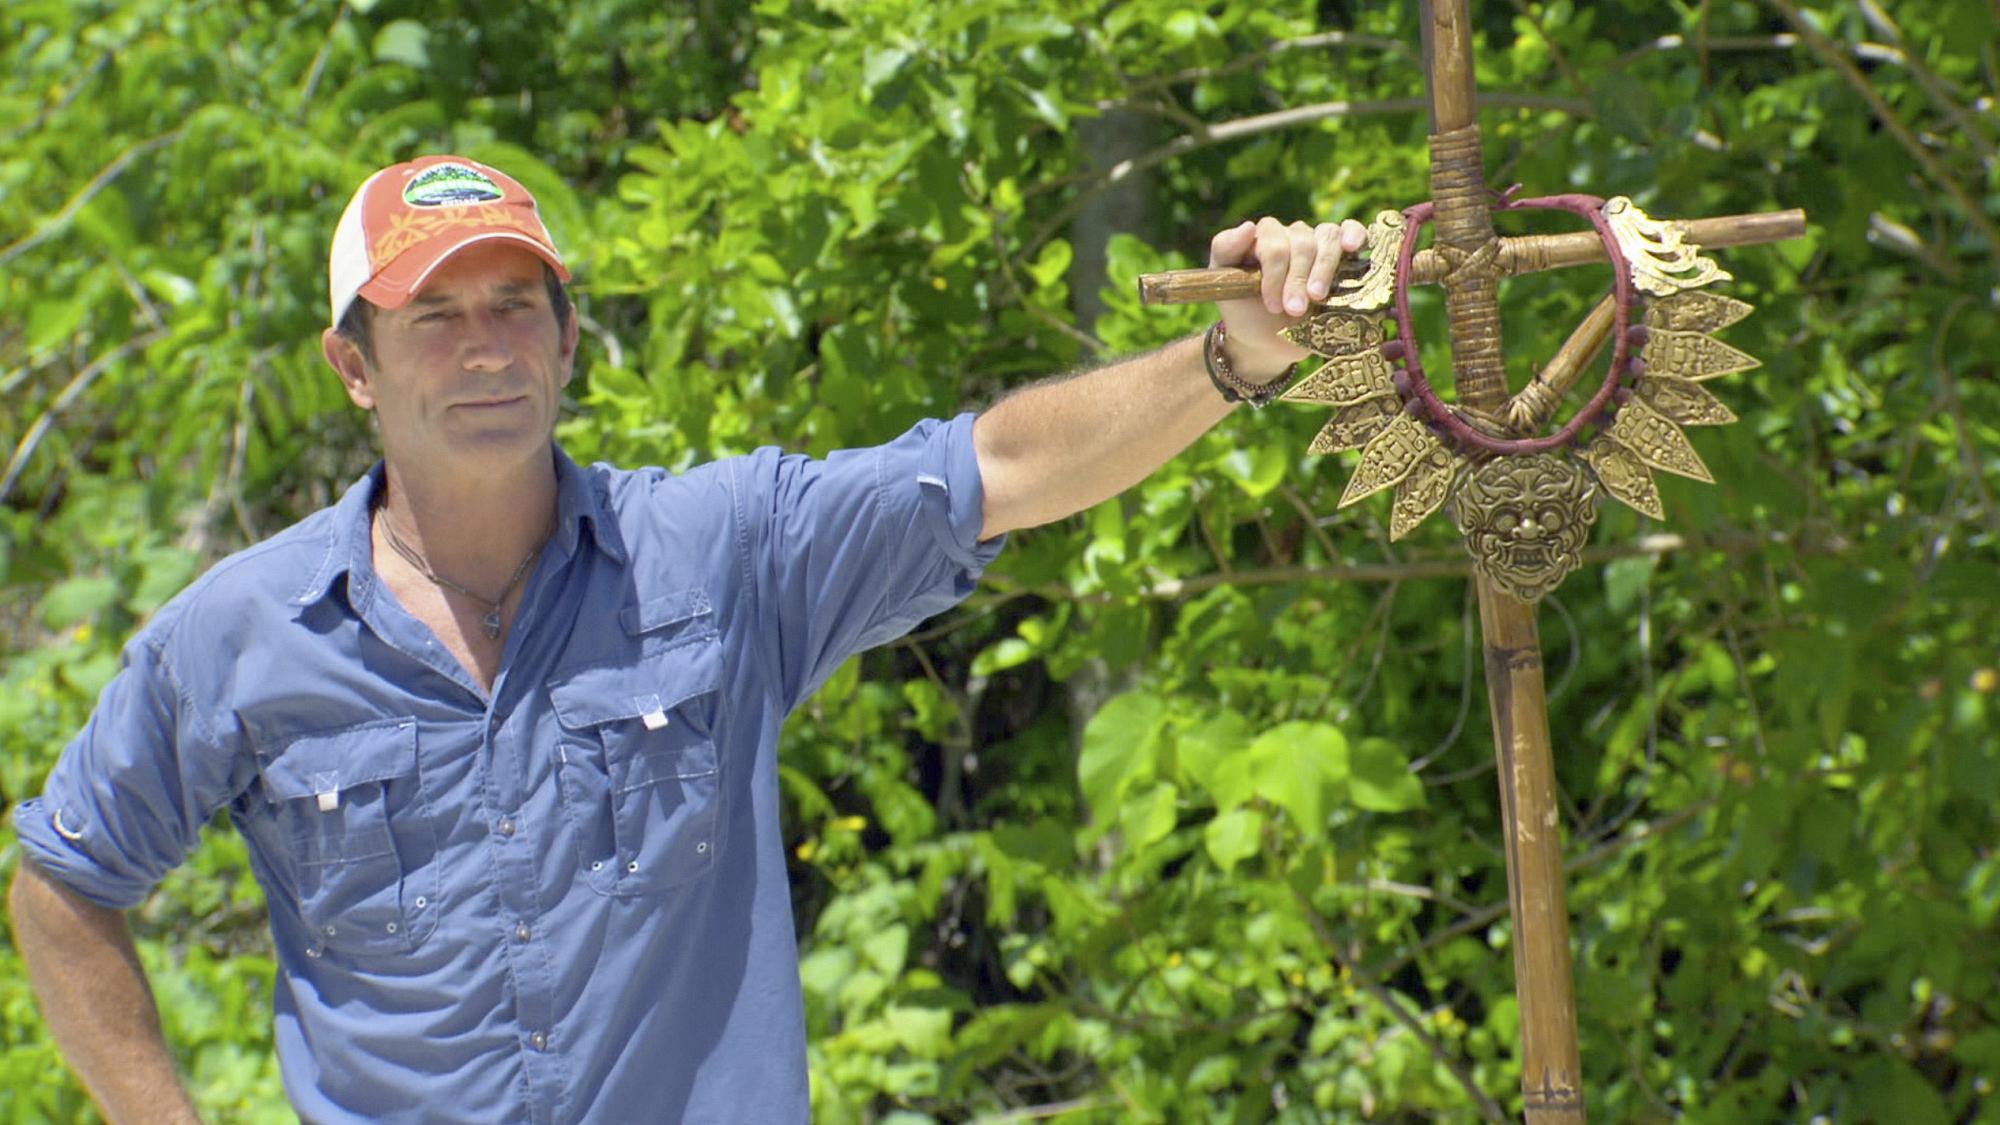 Jeff in Season 28 Episode 10